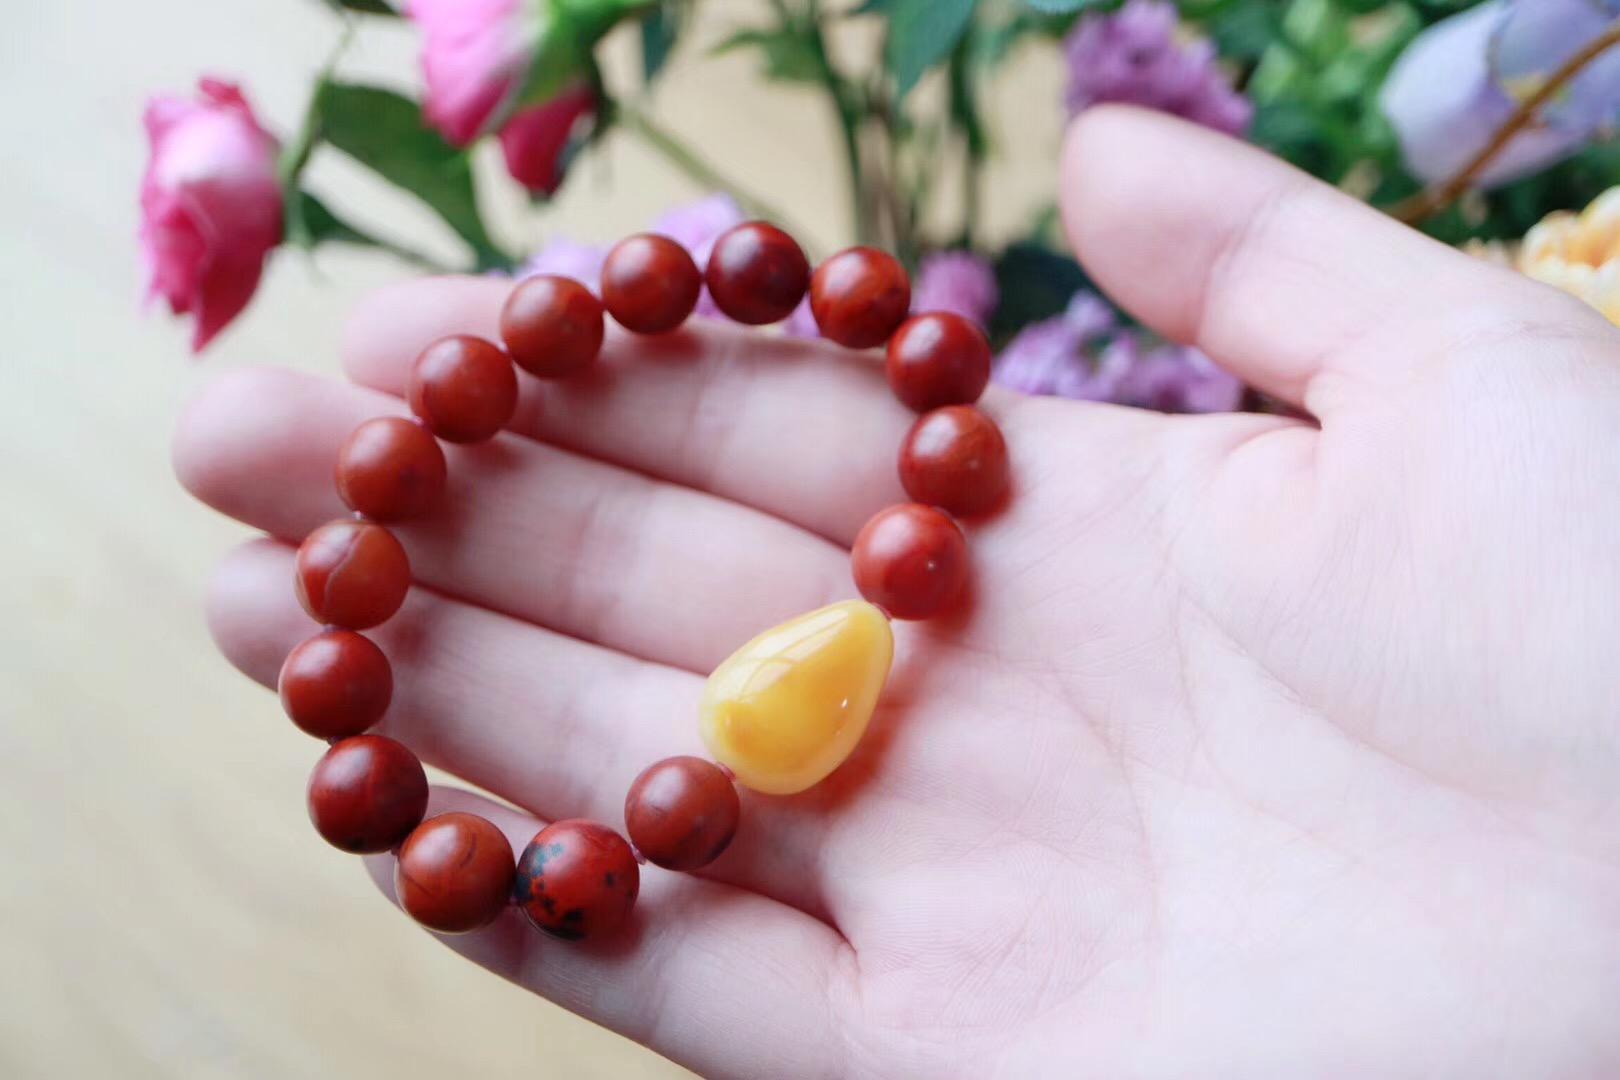 【菩心 - 包浆南红】光润釉滑的别样质感,还会越盘越红-菩心晶舍